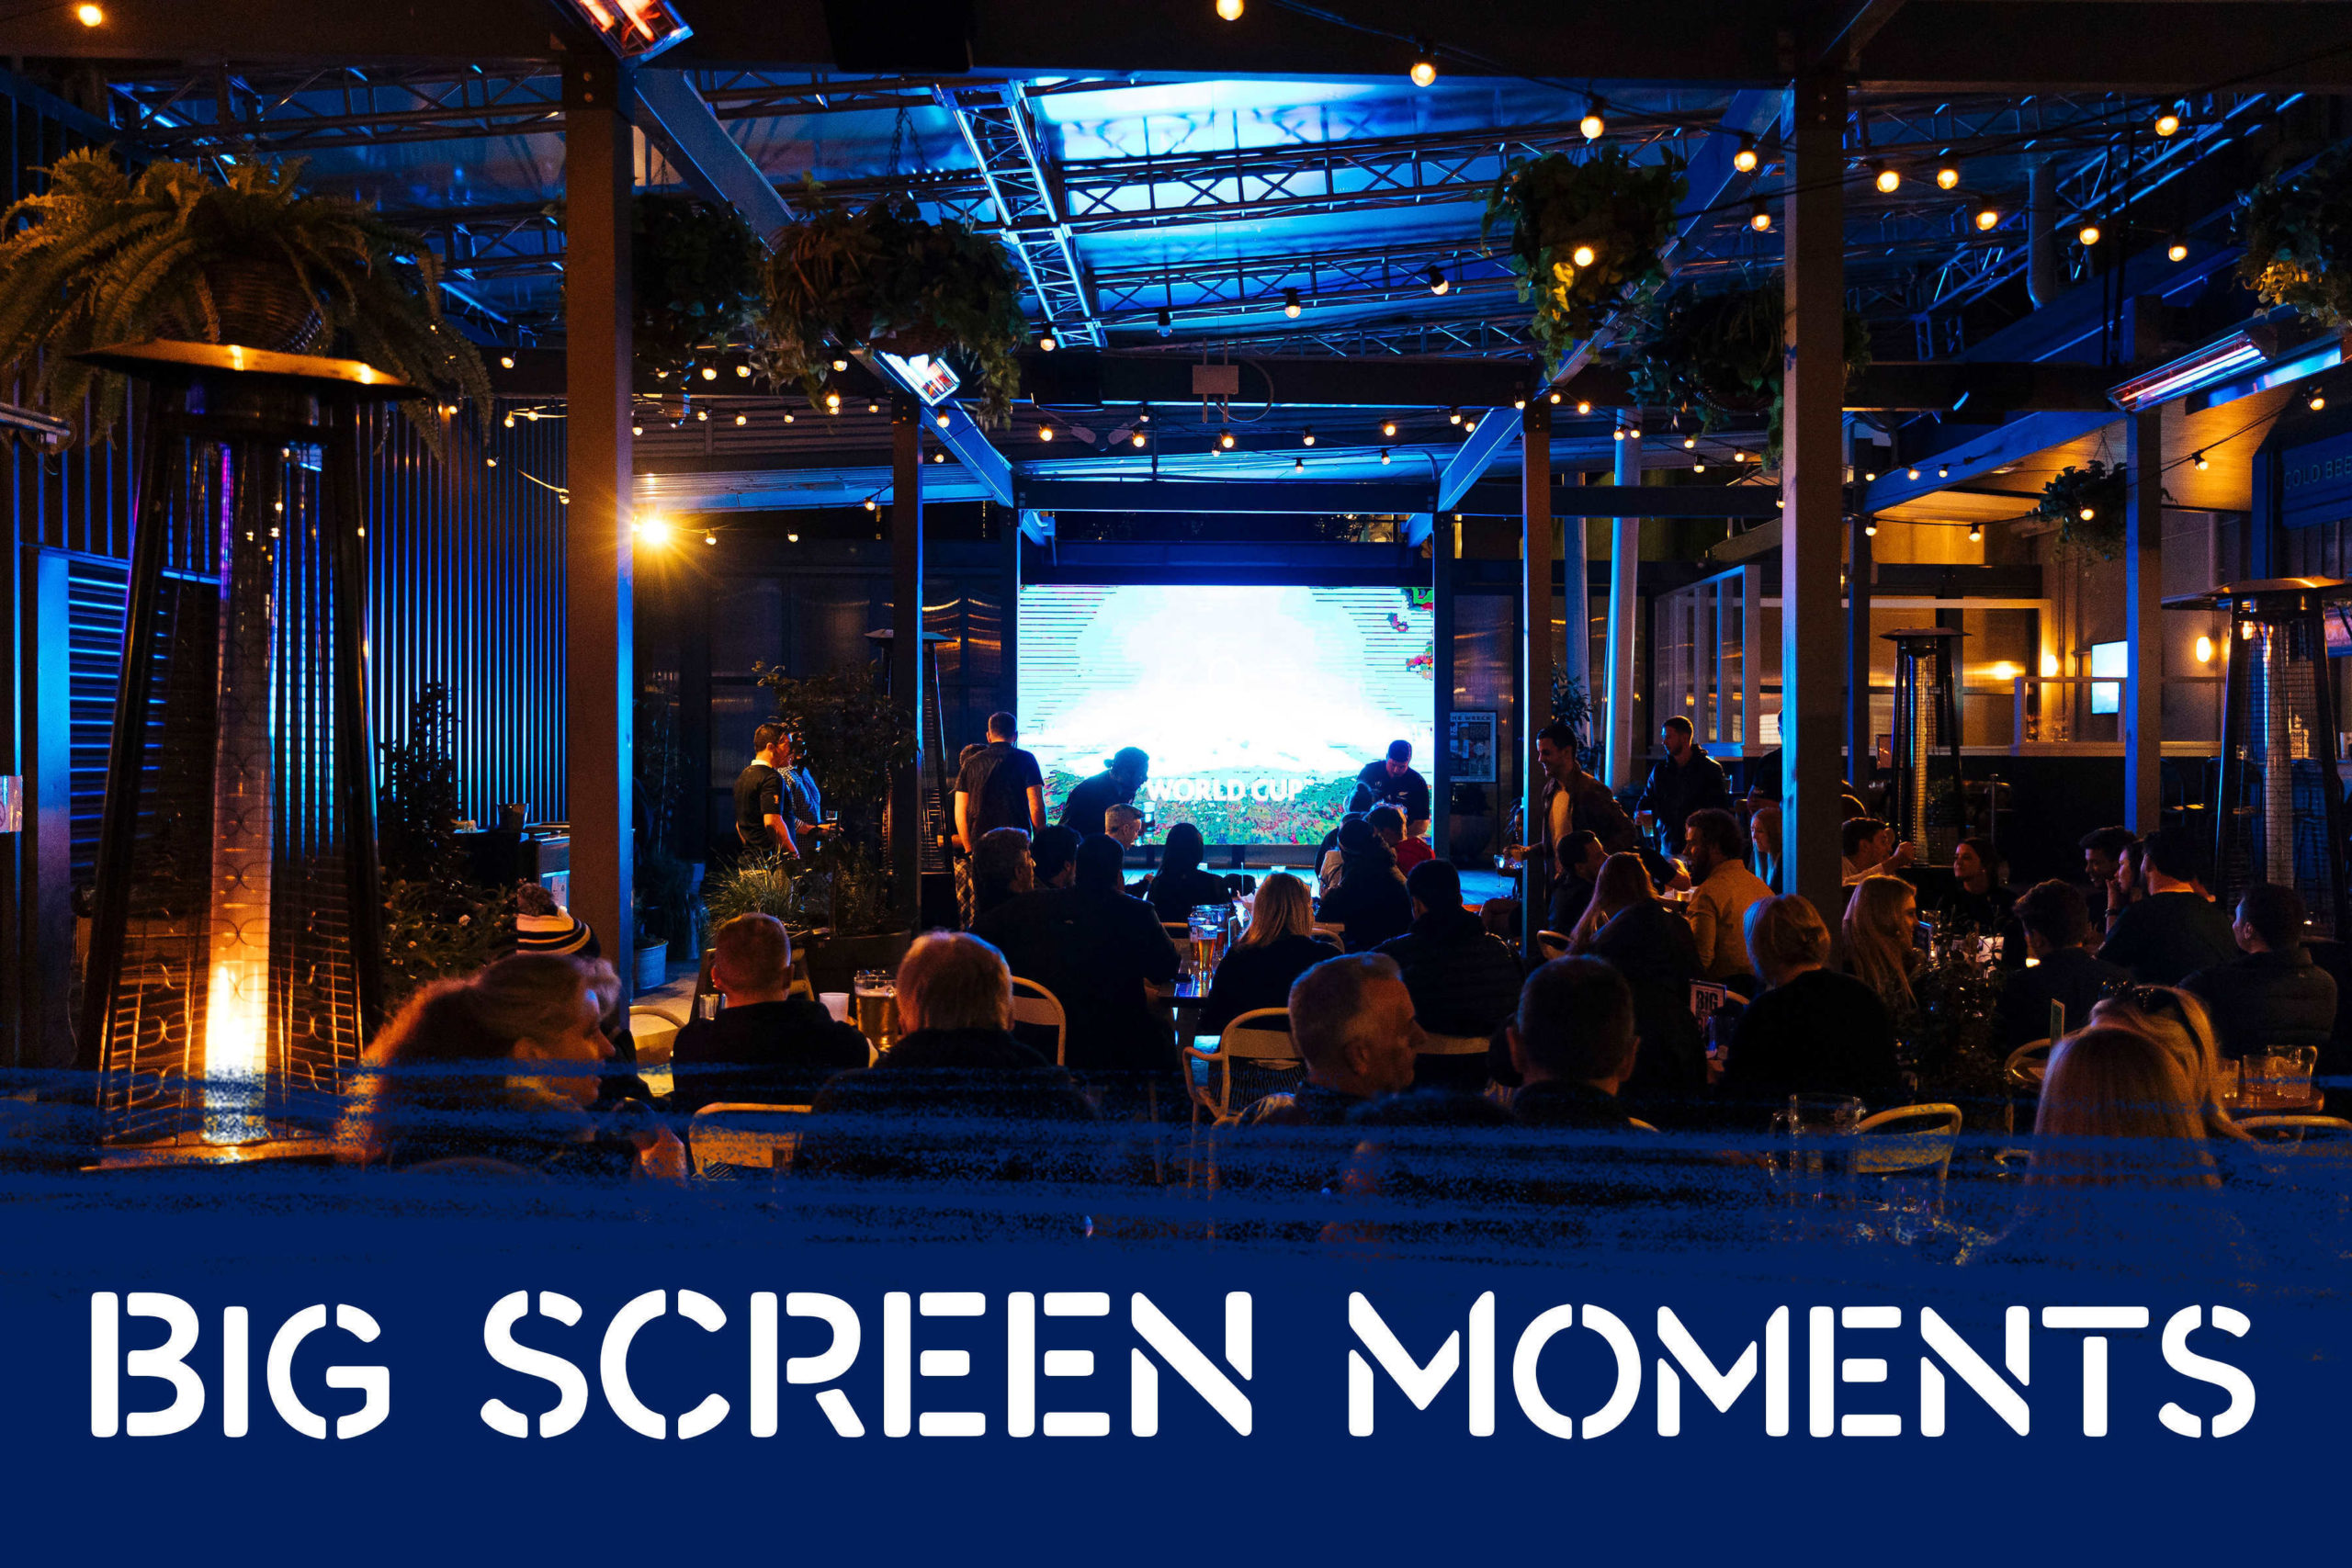 Big Moments, Big screen